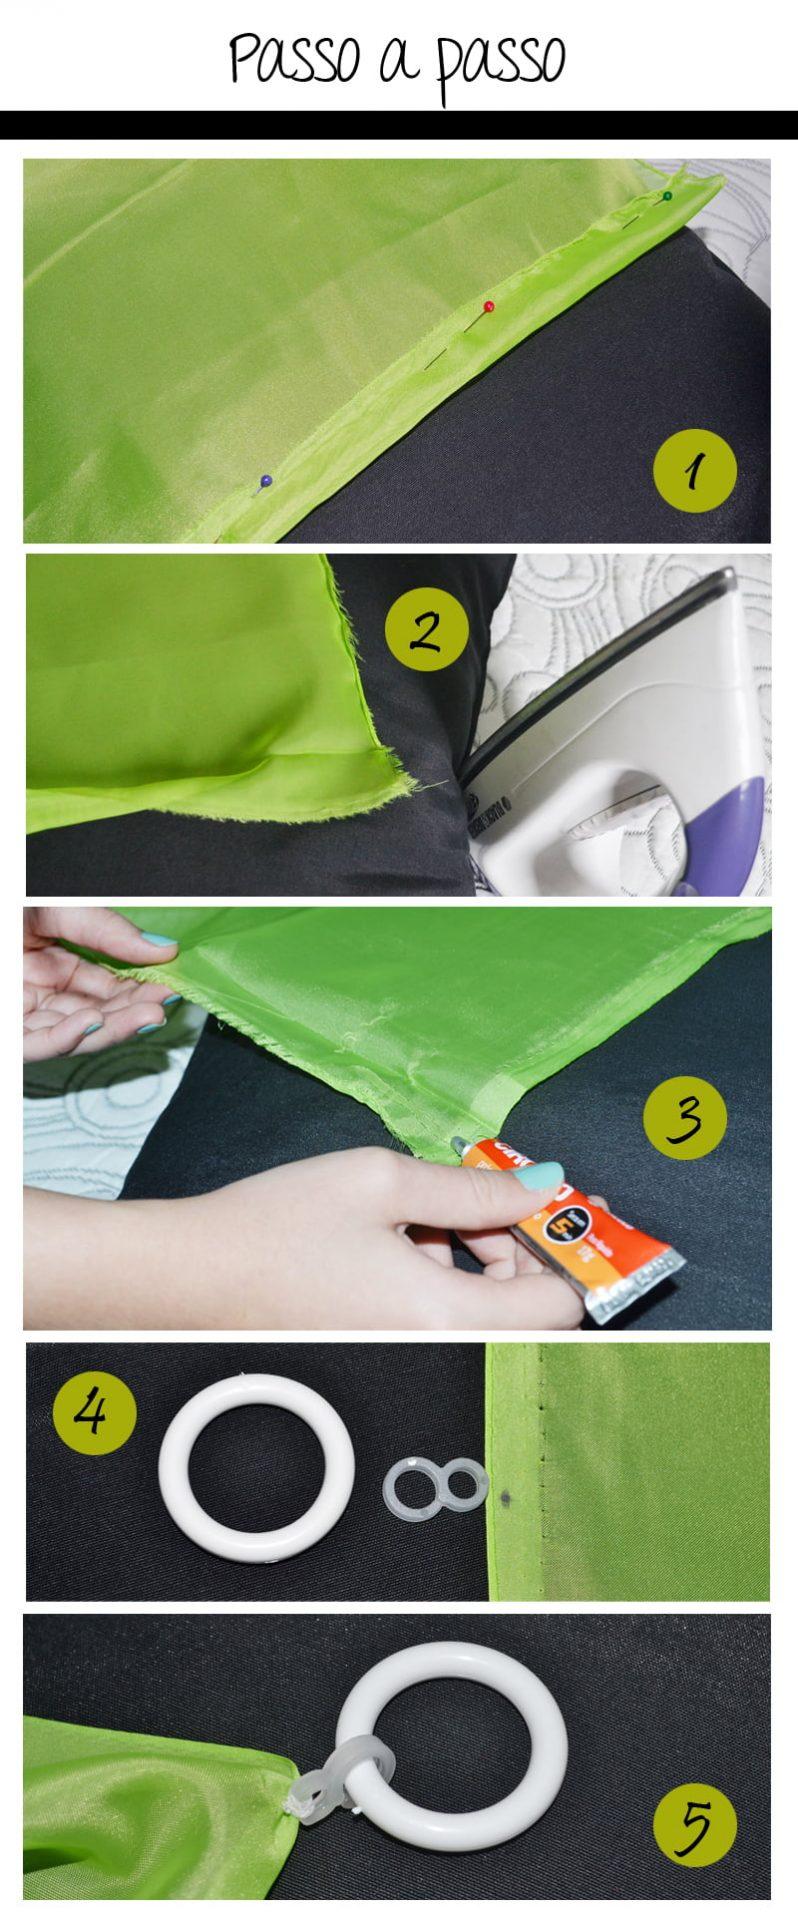 03 passoapasso1 Como fazer cortinas sem máquina de costura